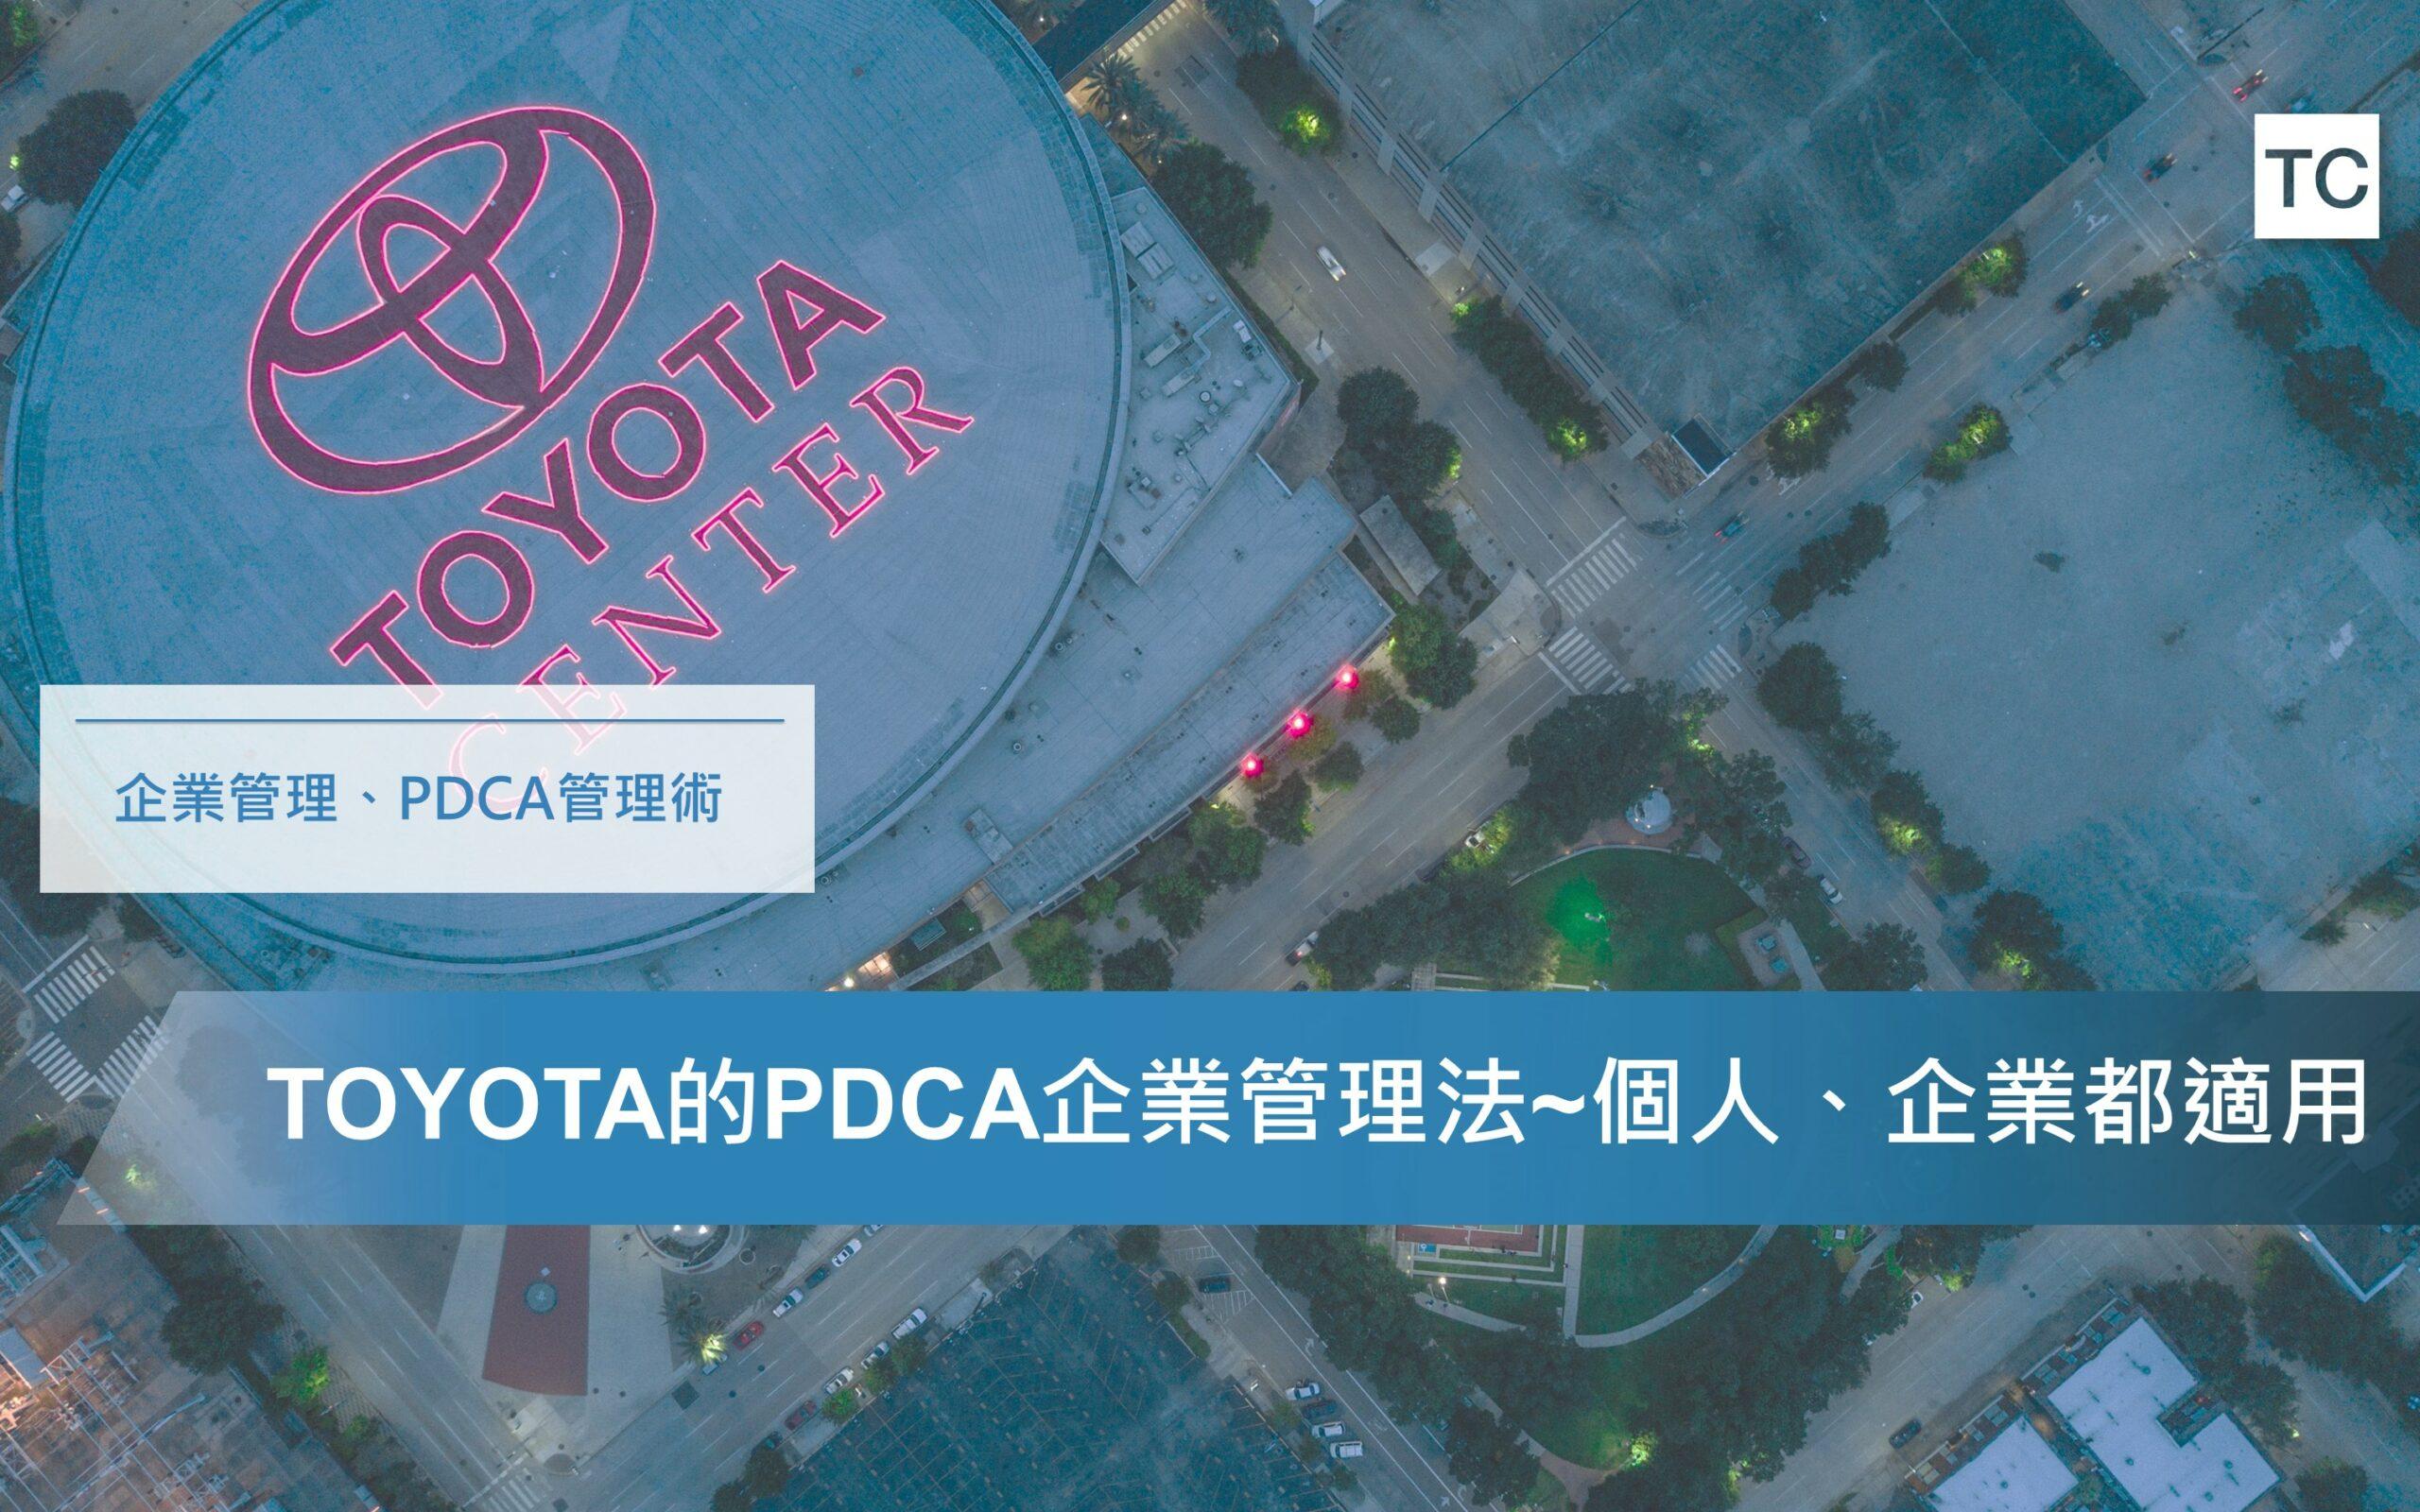 【企業管理】TOYOTA豐田管理術,PDCA循環之管理運用